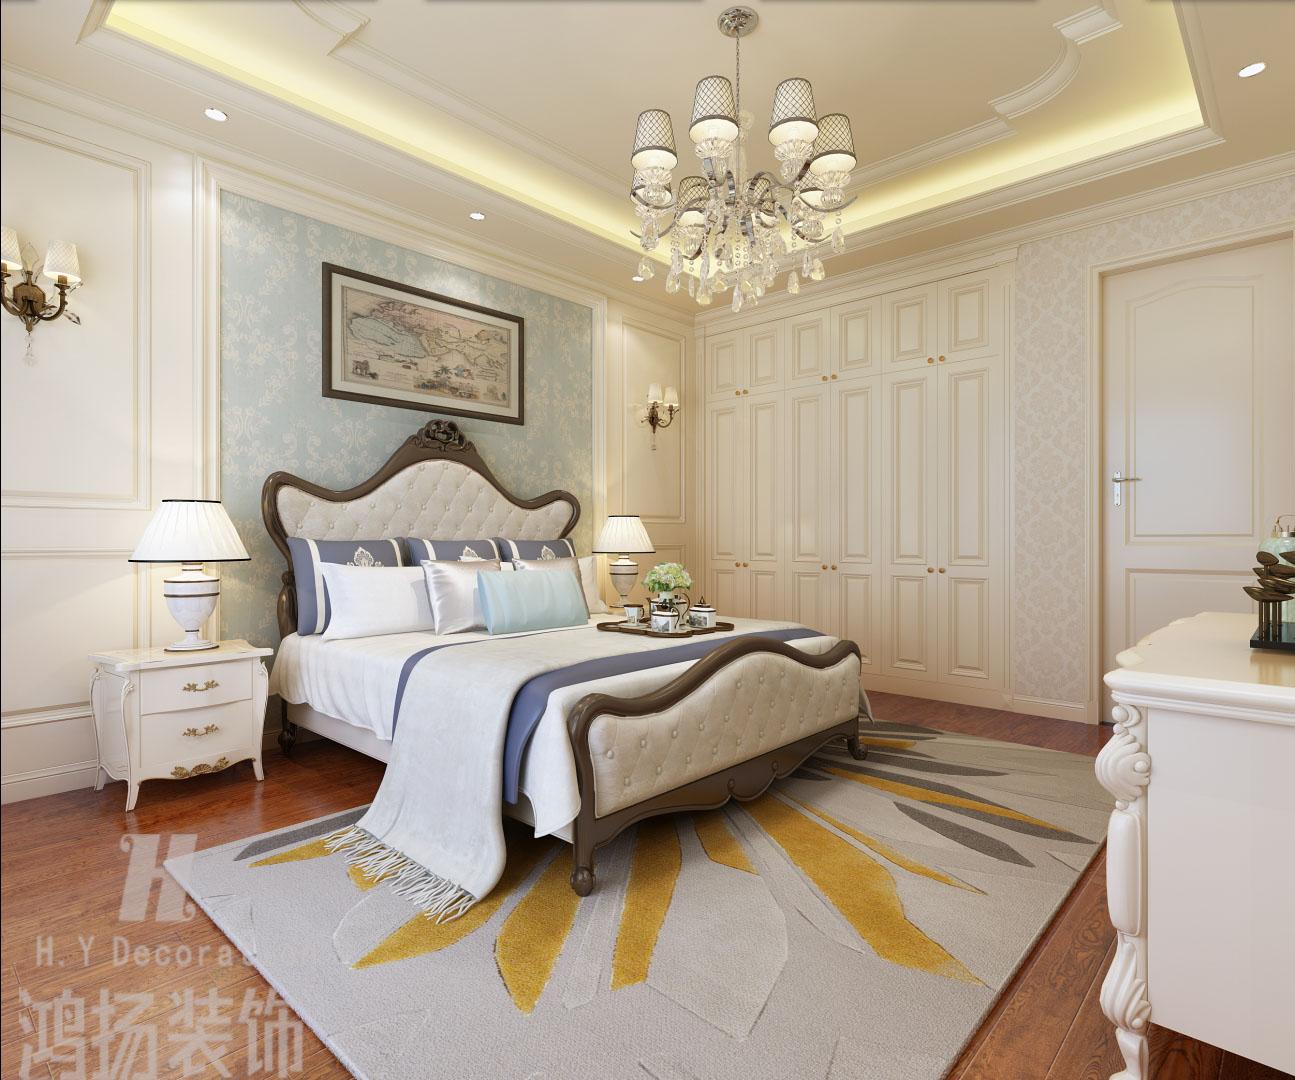 别墅欧式风格18万半包陈超碧桂园-三楼儿童房2拷贝